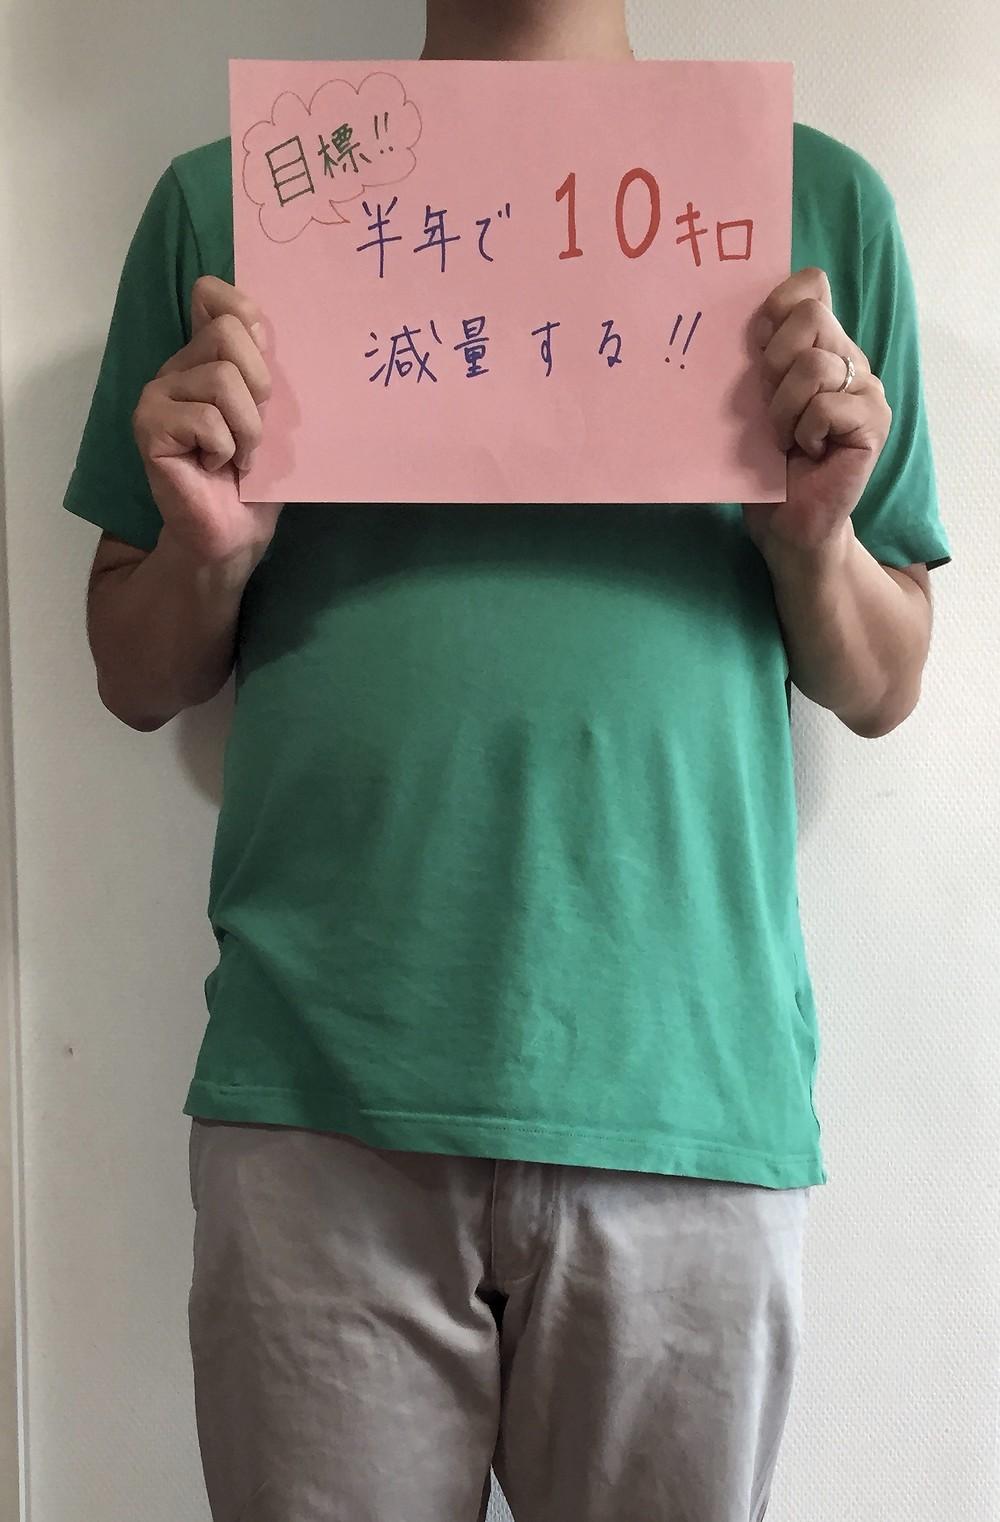 キヨシさんは最後に力強く減量宣言!